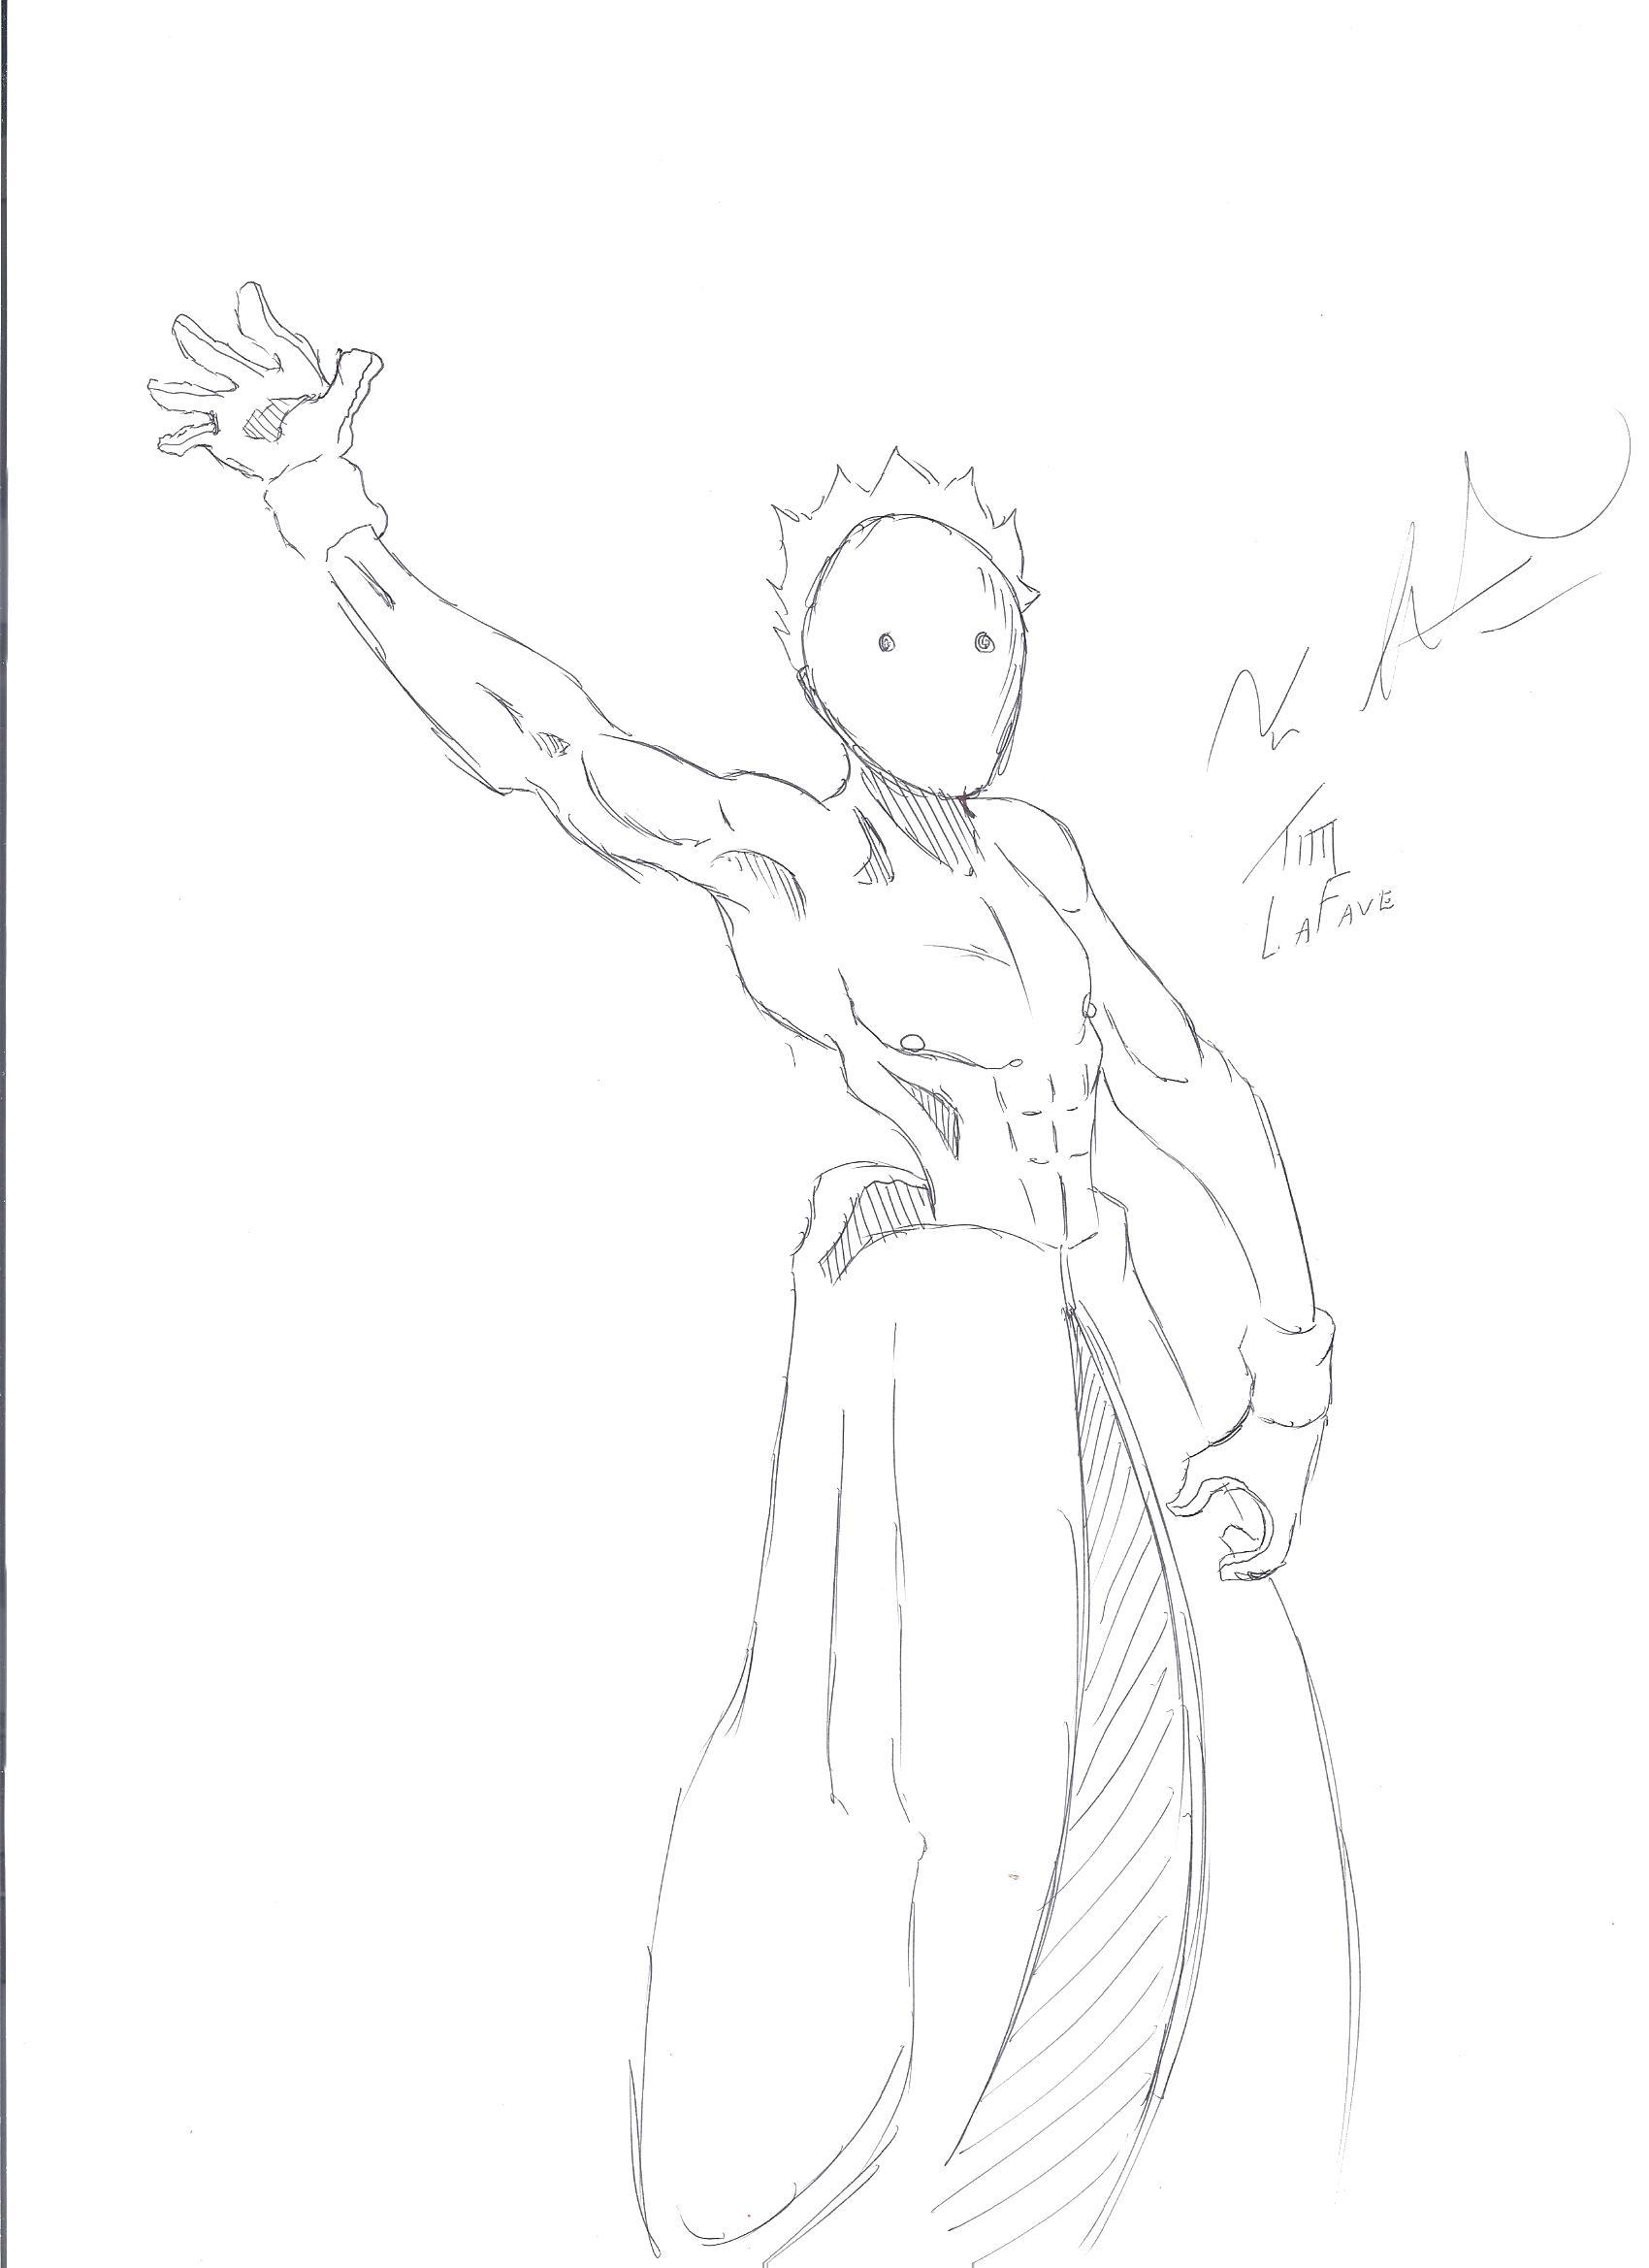 A Naked Ninja